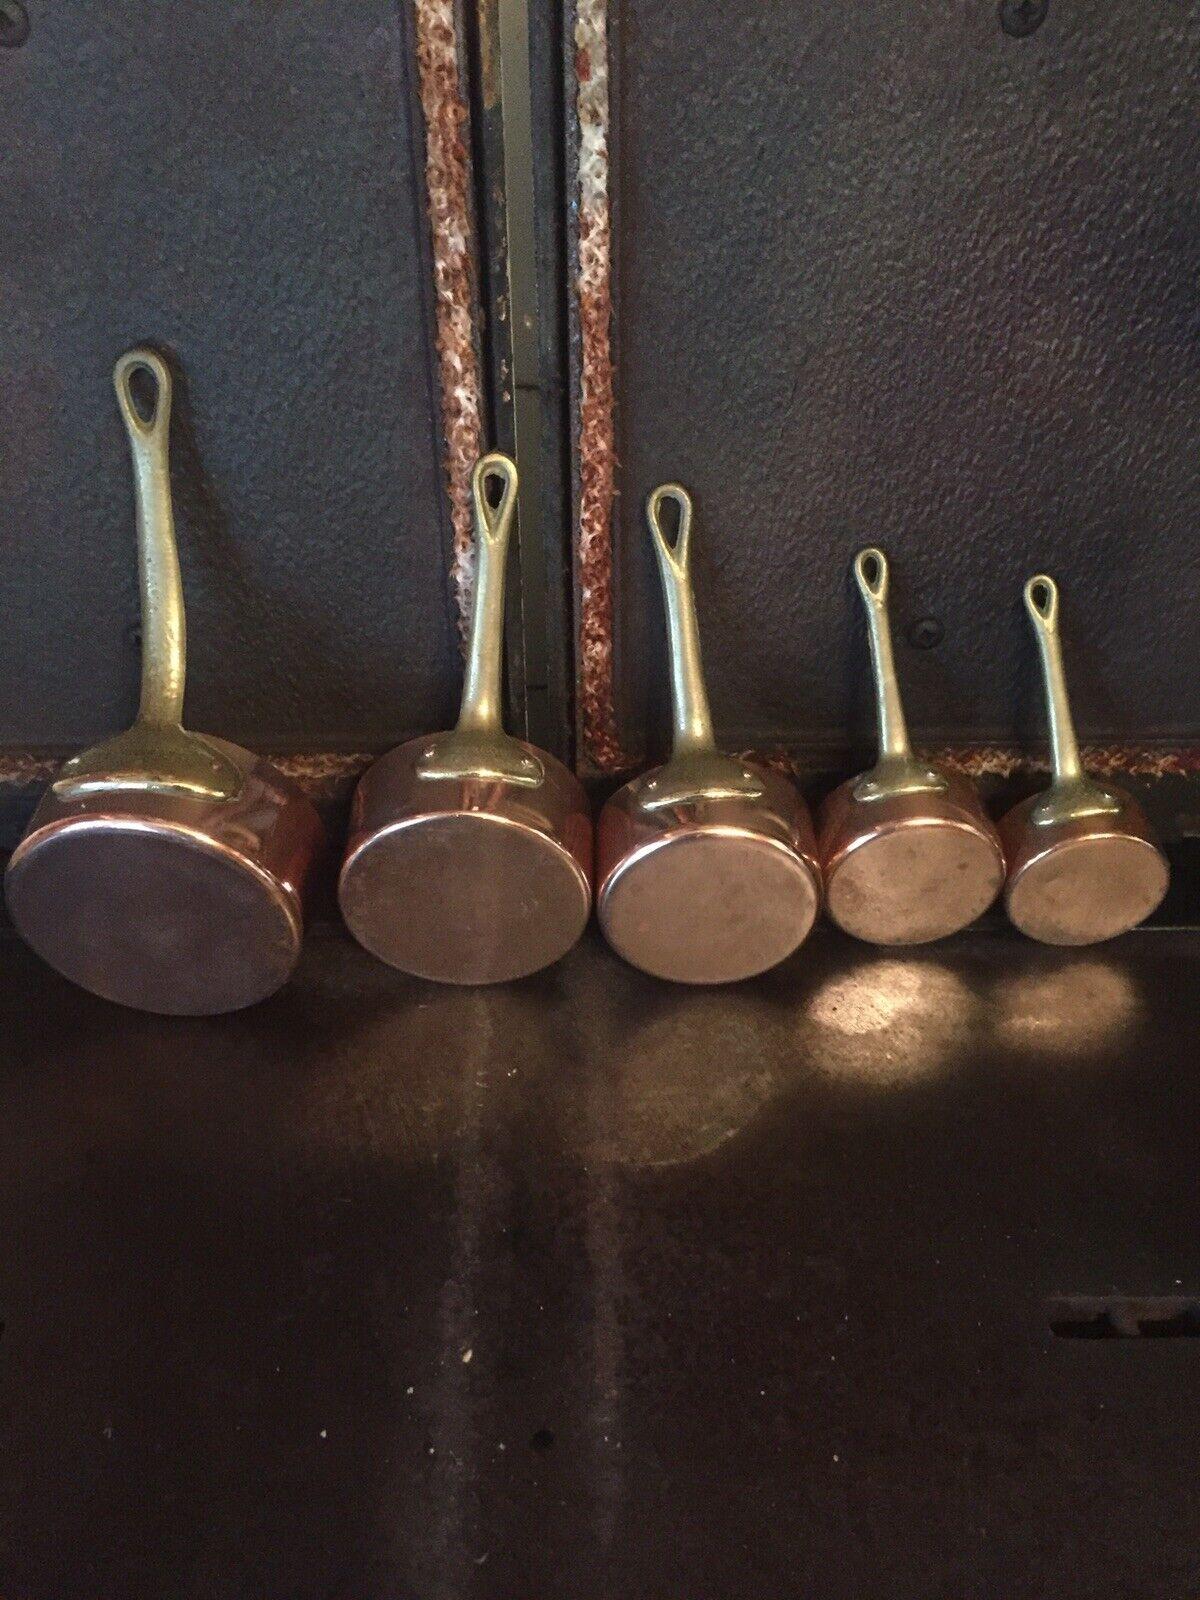 VINTAGE FRENCH COPPER SAUTÉ SAUCEPANS SET Of 5 6-10cm  Dia Riveted Handles.